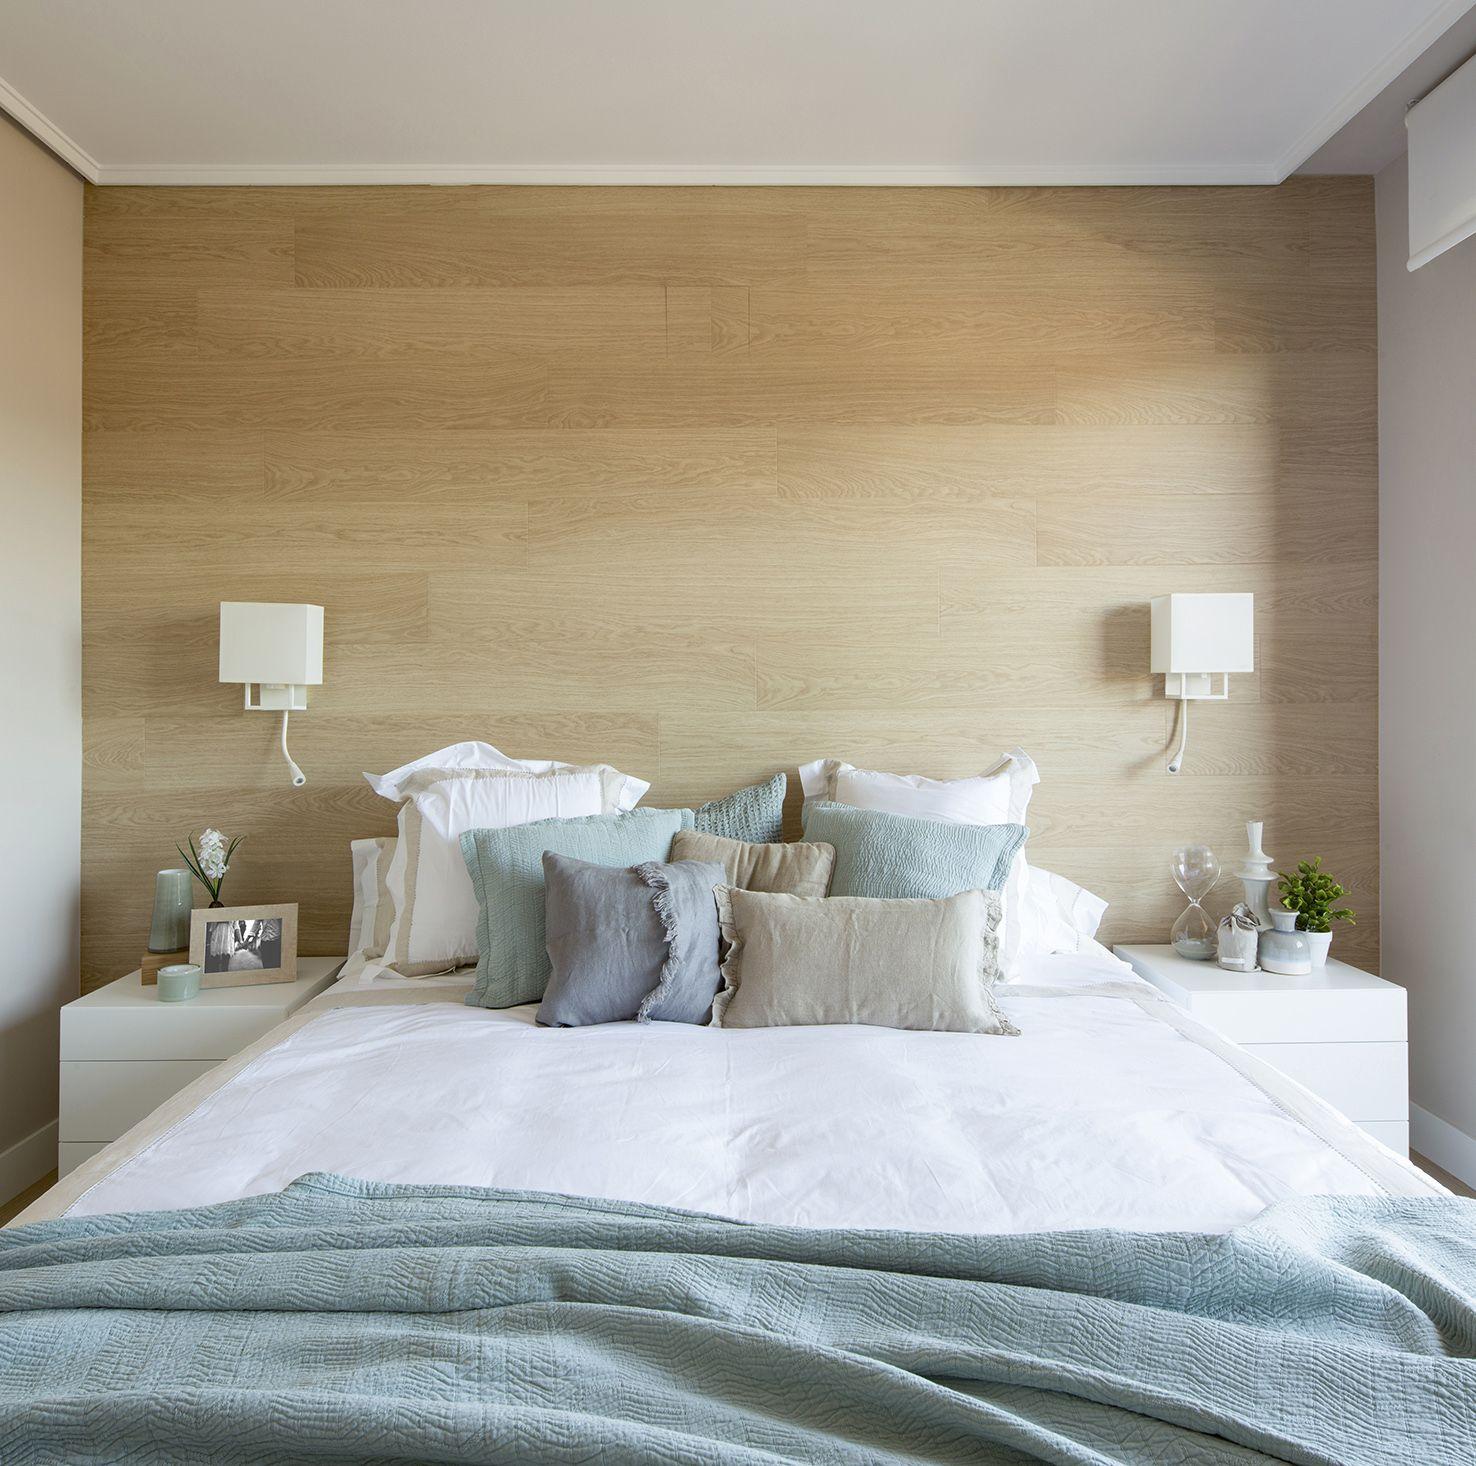 Detalle Dormitorio En Vivienda Integramente Reformada Y Proyectada Por Natalia Zubizarre Dormitorios Apliques Pared Dormitorio Decoracion Dormitorios